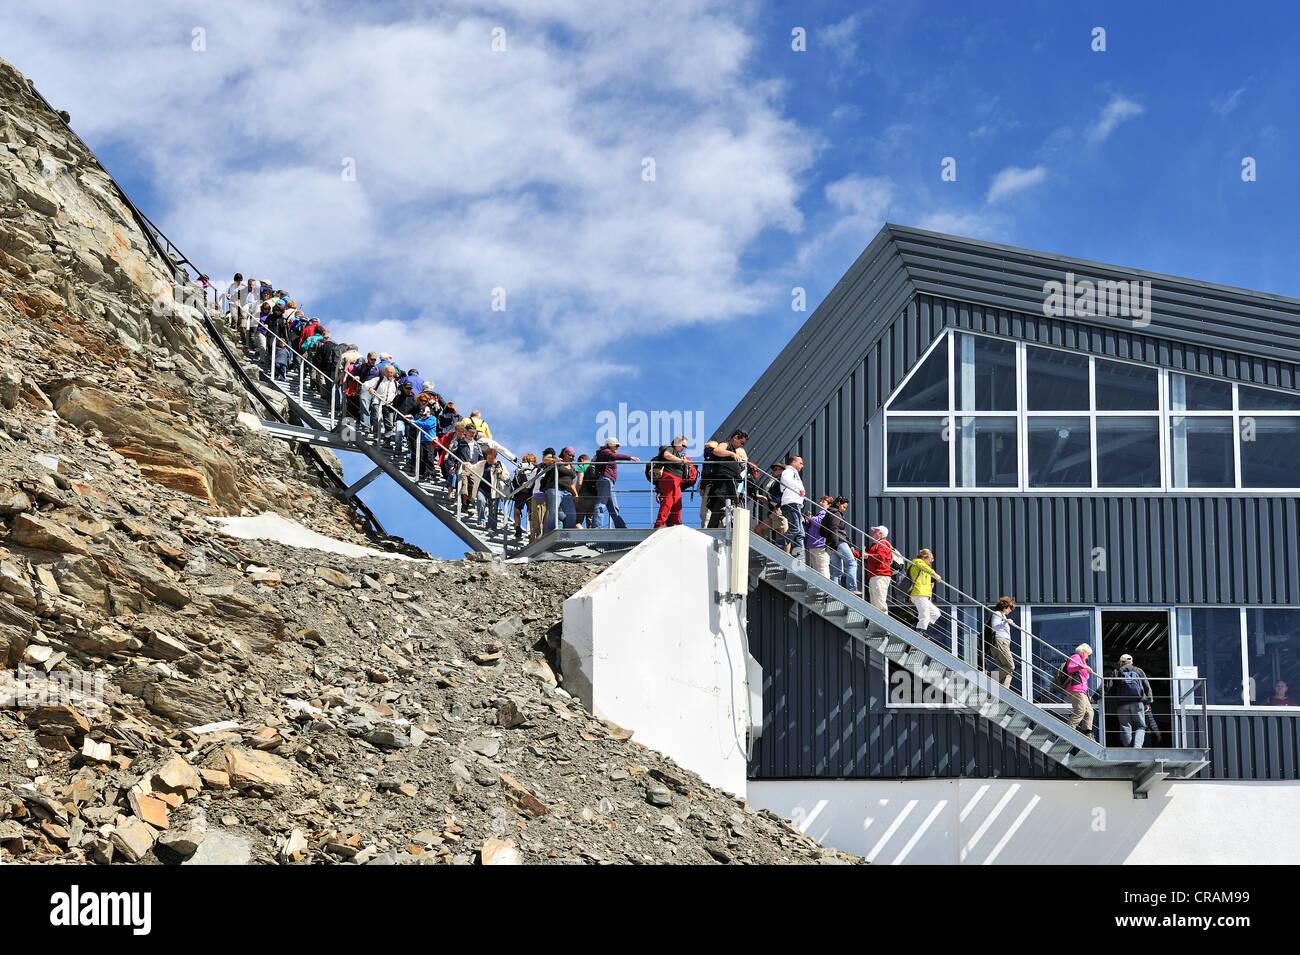 Massentourismus auf den Stubaier Gletscher, Stubaier Alpen, Tirol, Austria, Europe Stockbild